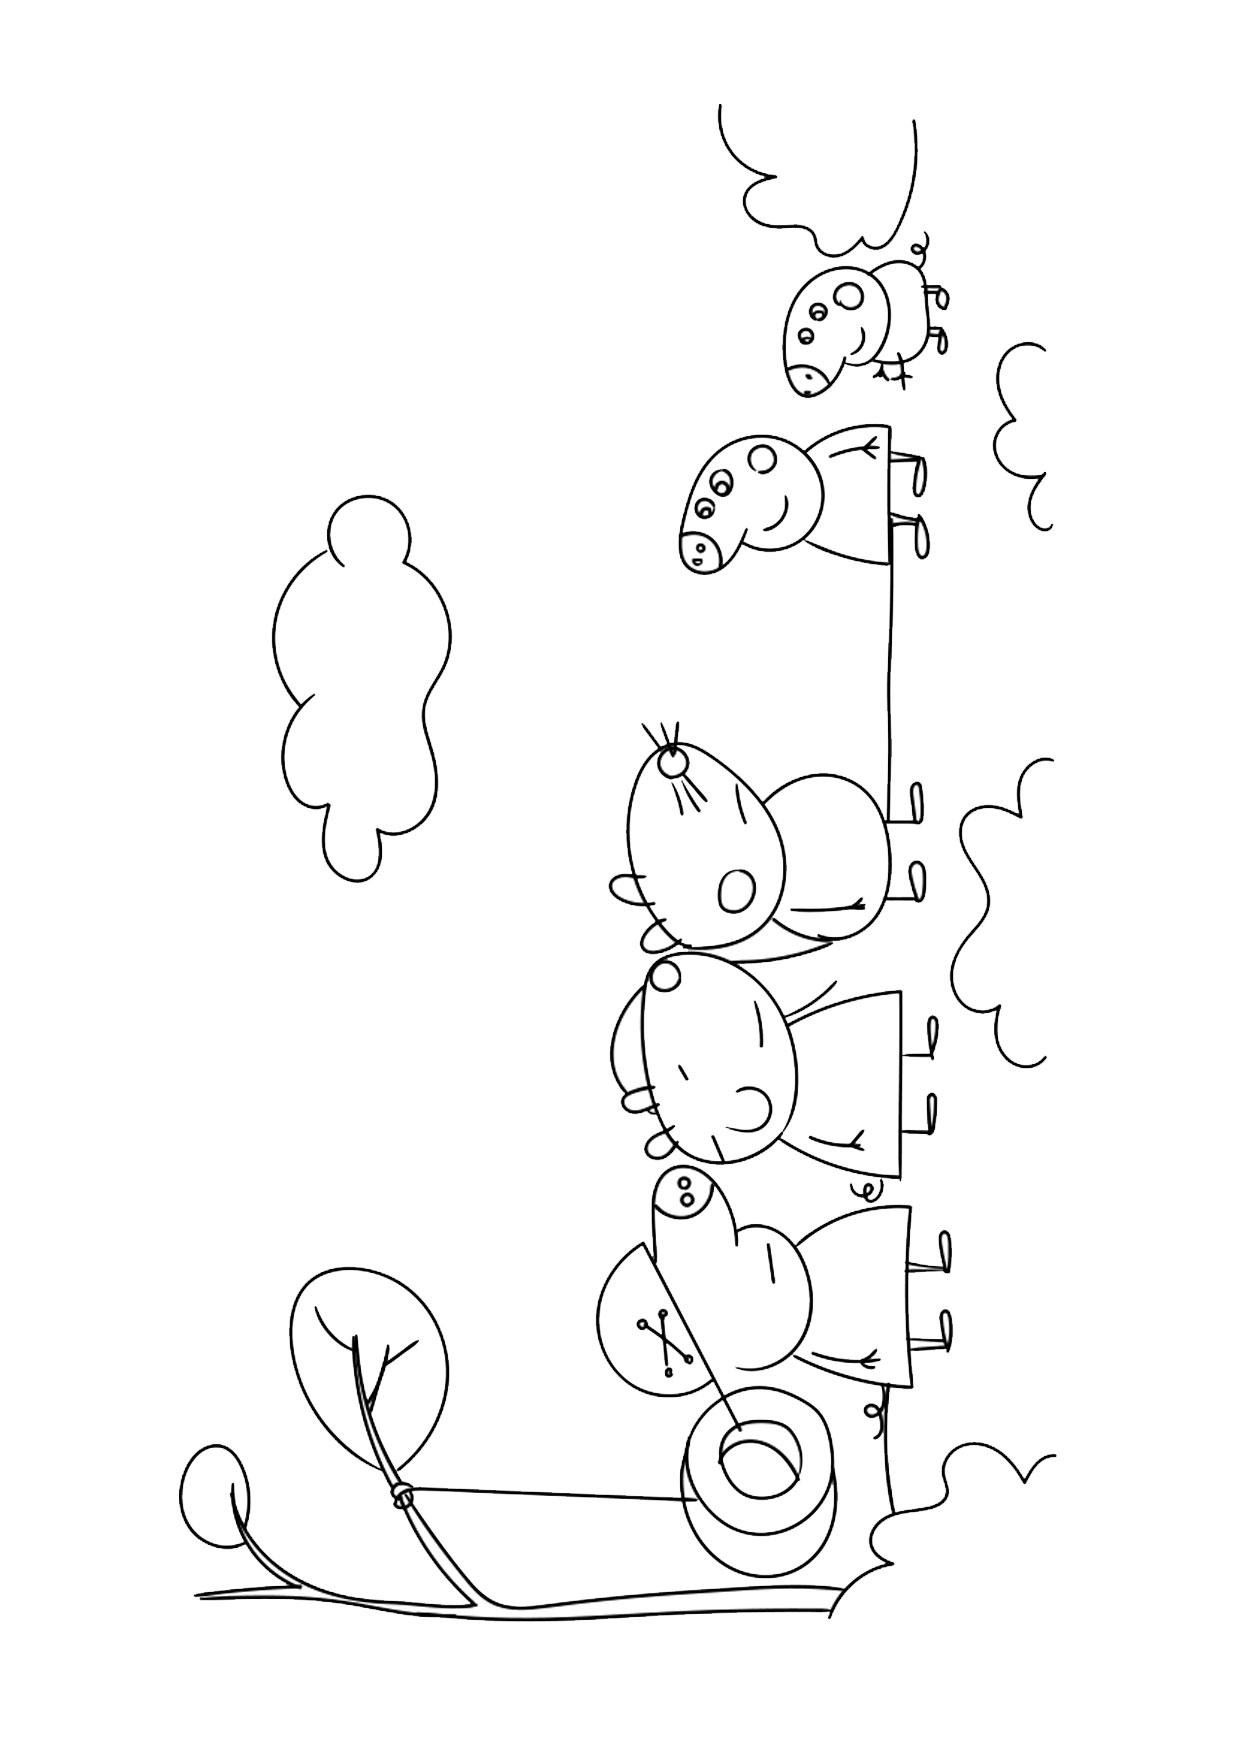 Disegno Peppa Pig da colorare 31